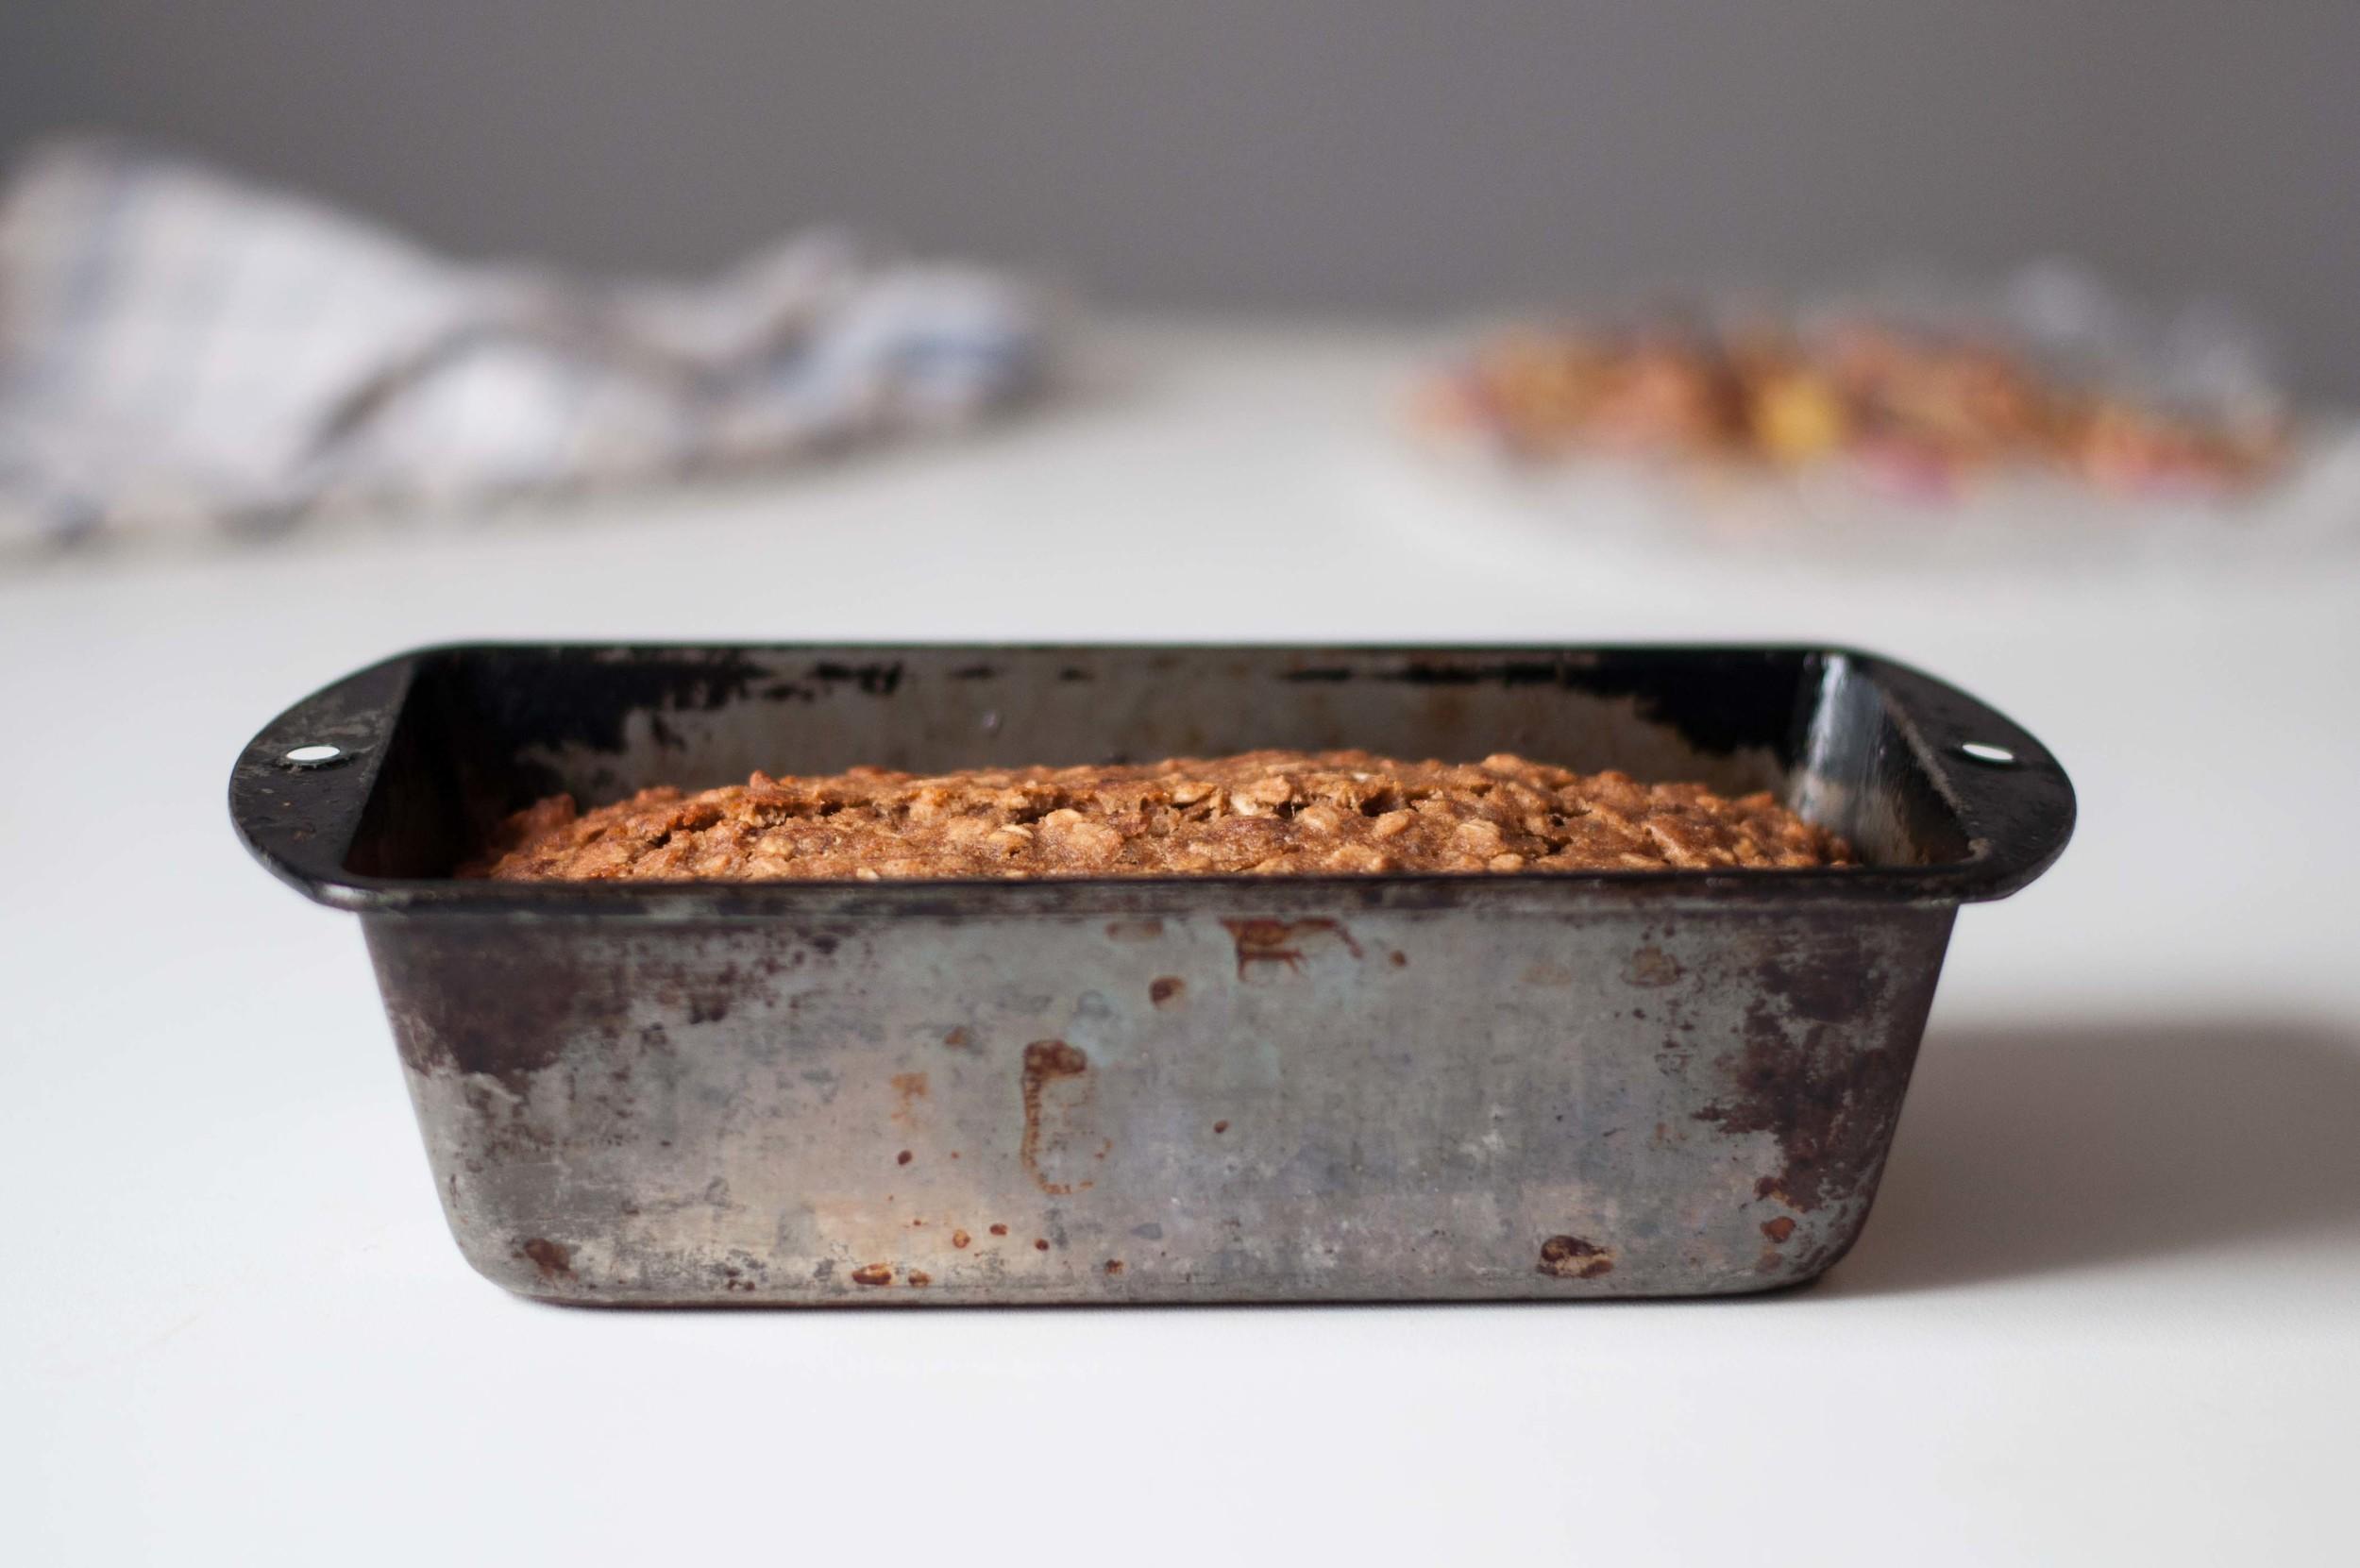 sweet-oat-banana-bread-fried-parsley-29.jpg